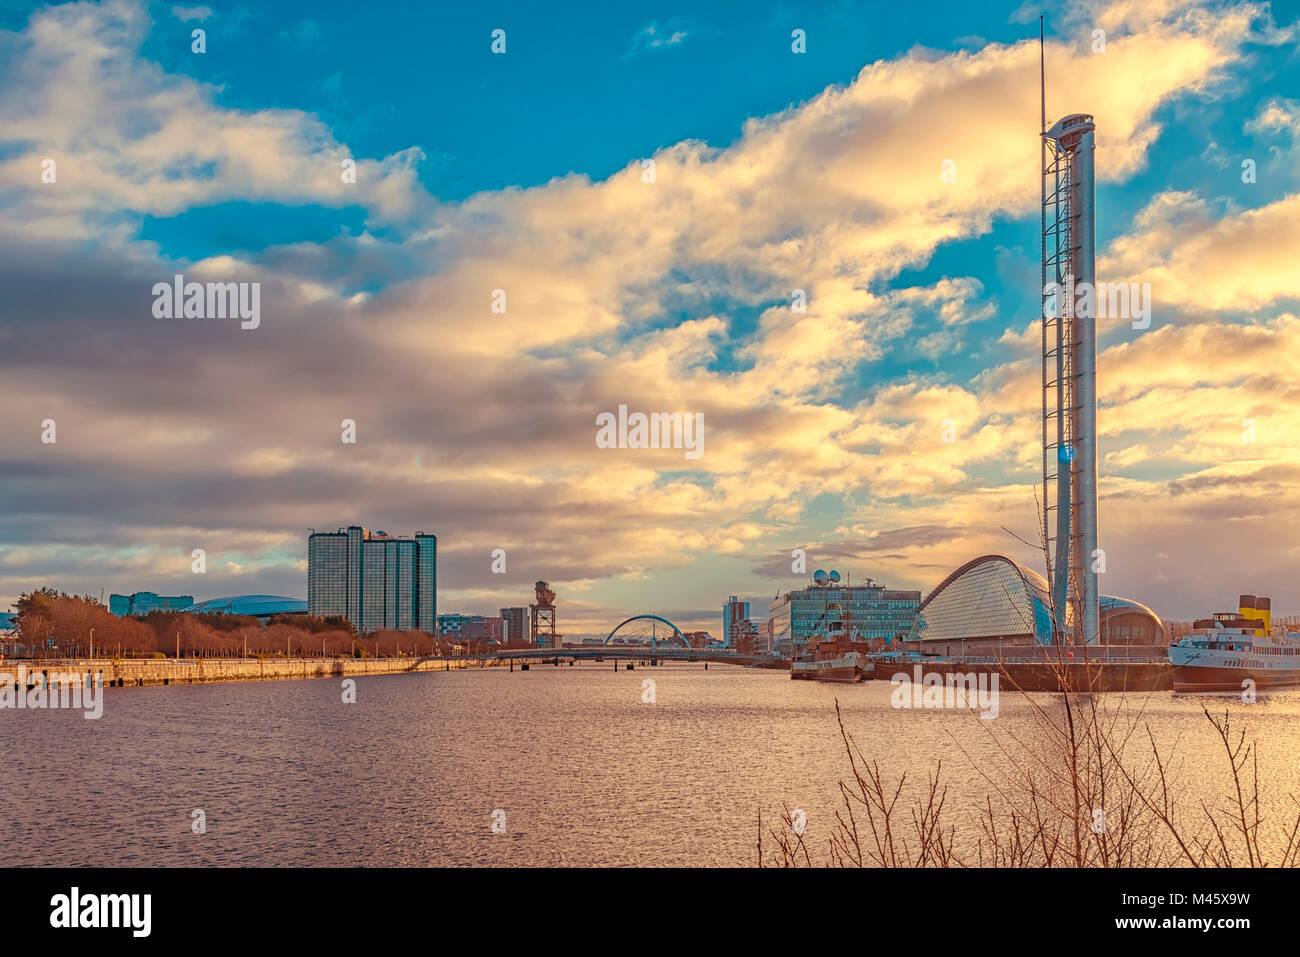 GLASGOW, Escocia - Enero 17, 2018: un paisaje urbano vista de Glasgow a lo largo del río Clyde. Foto de stock